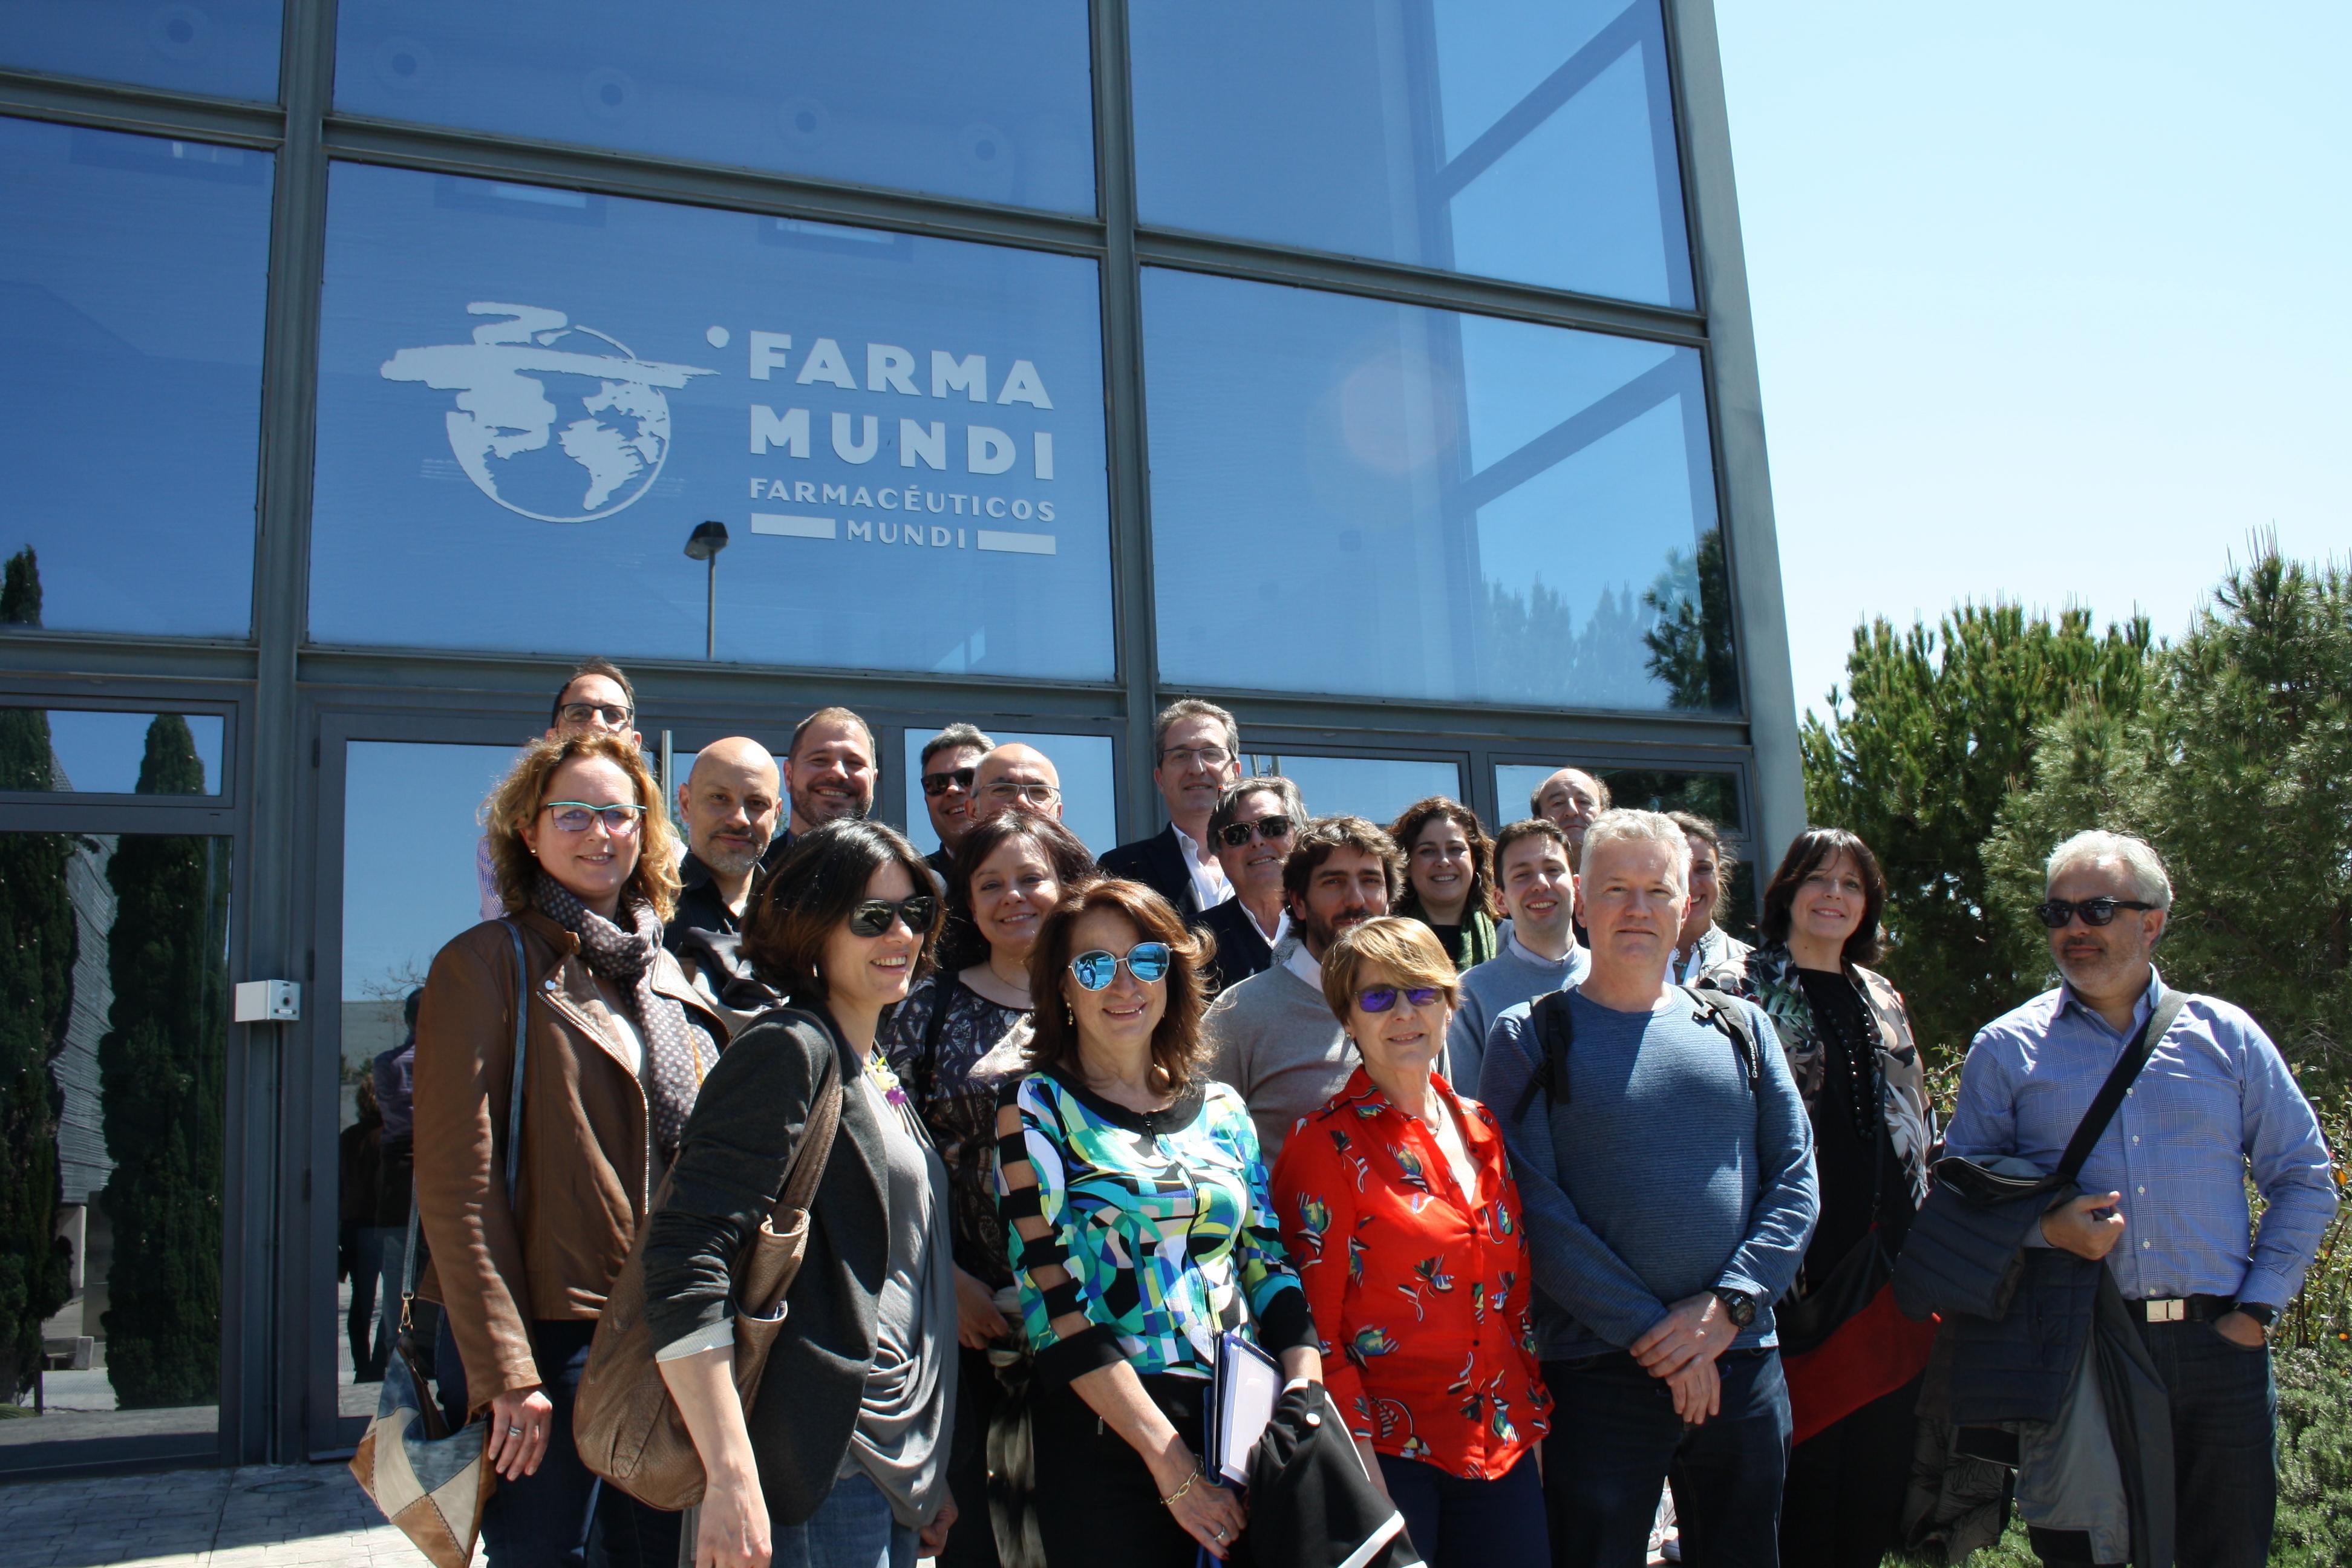 Los Colegios de Farmacéuticos de Aragón se alían con Farmamundi y visitan su almacén de medicamentos